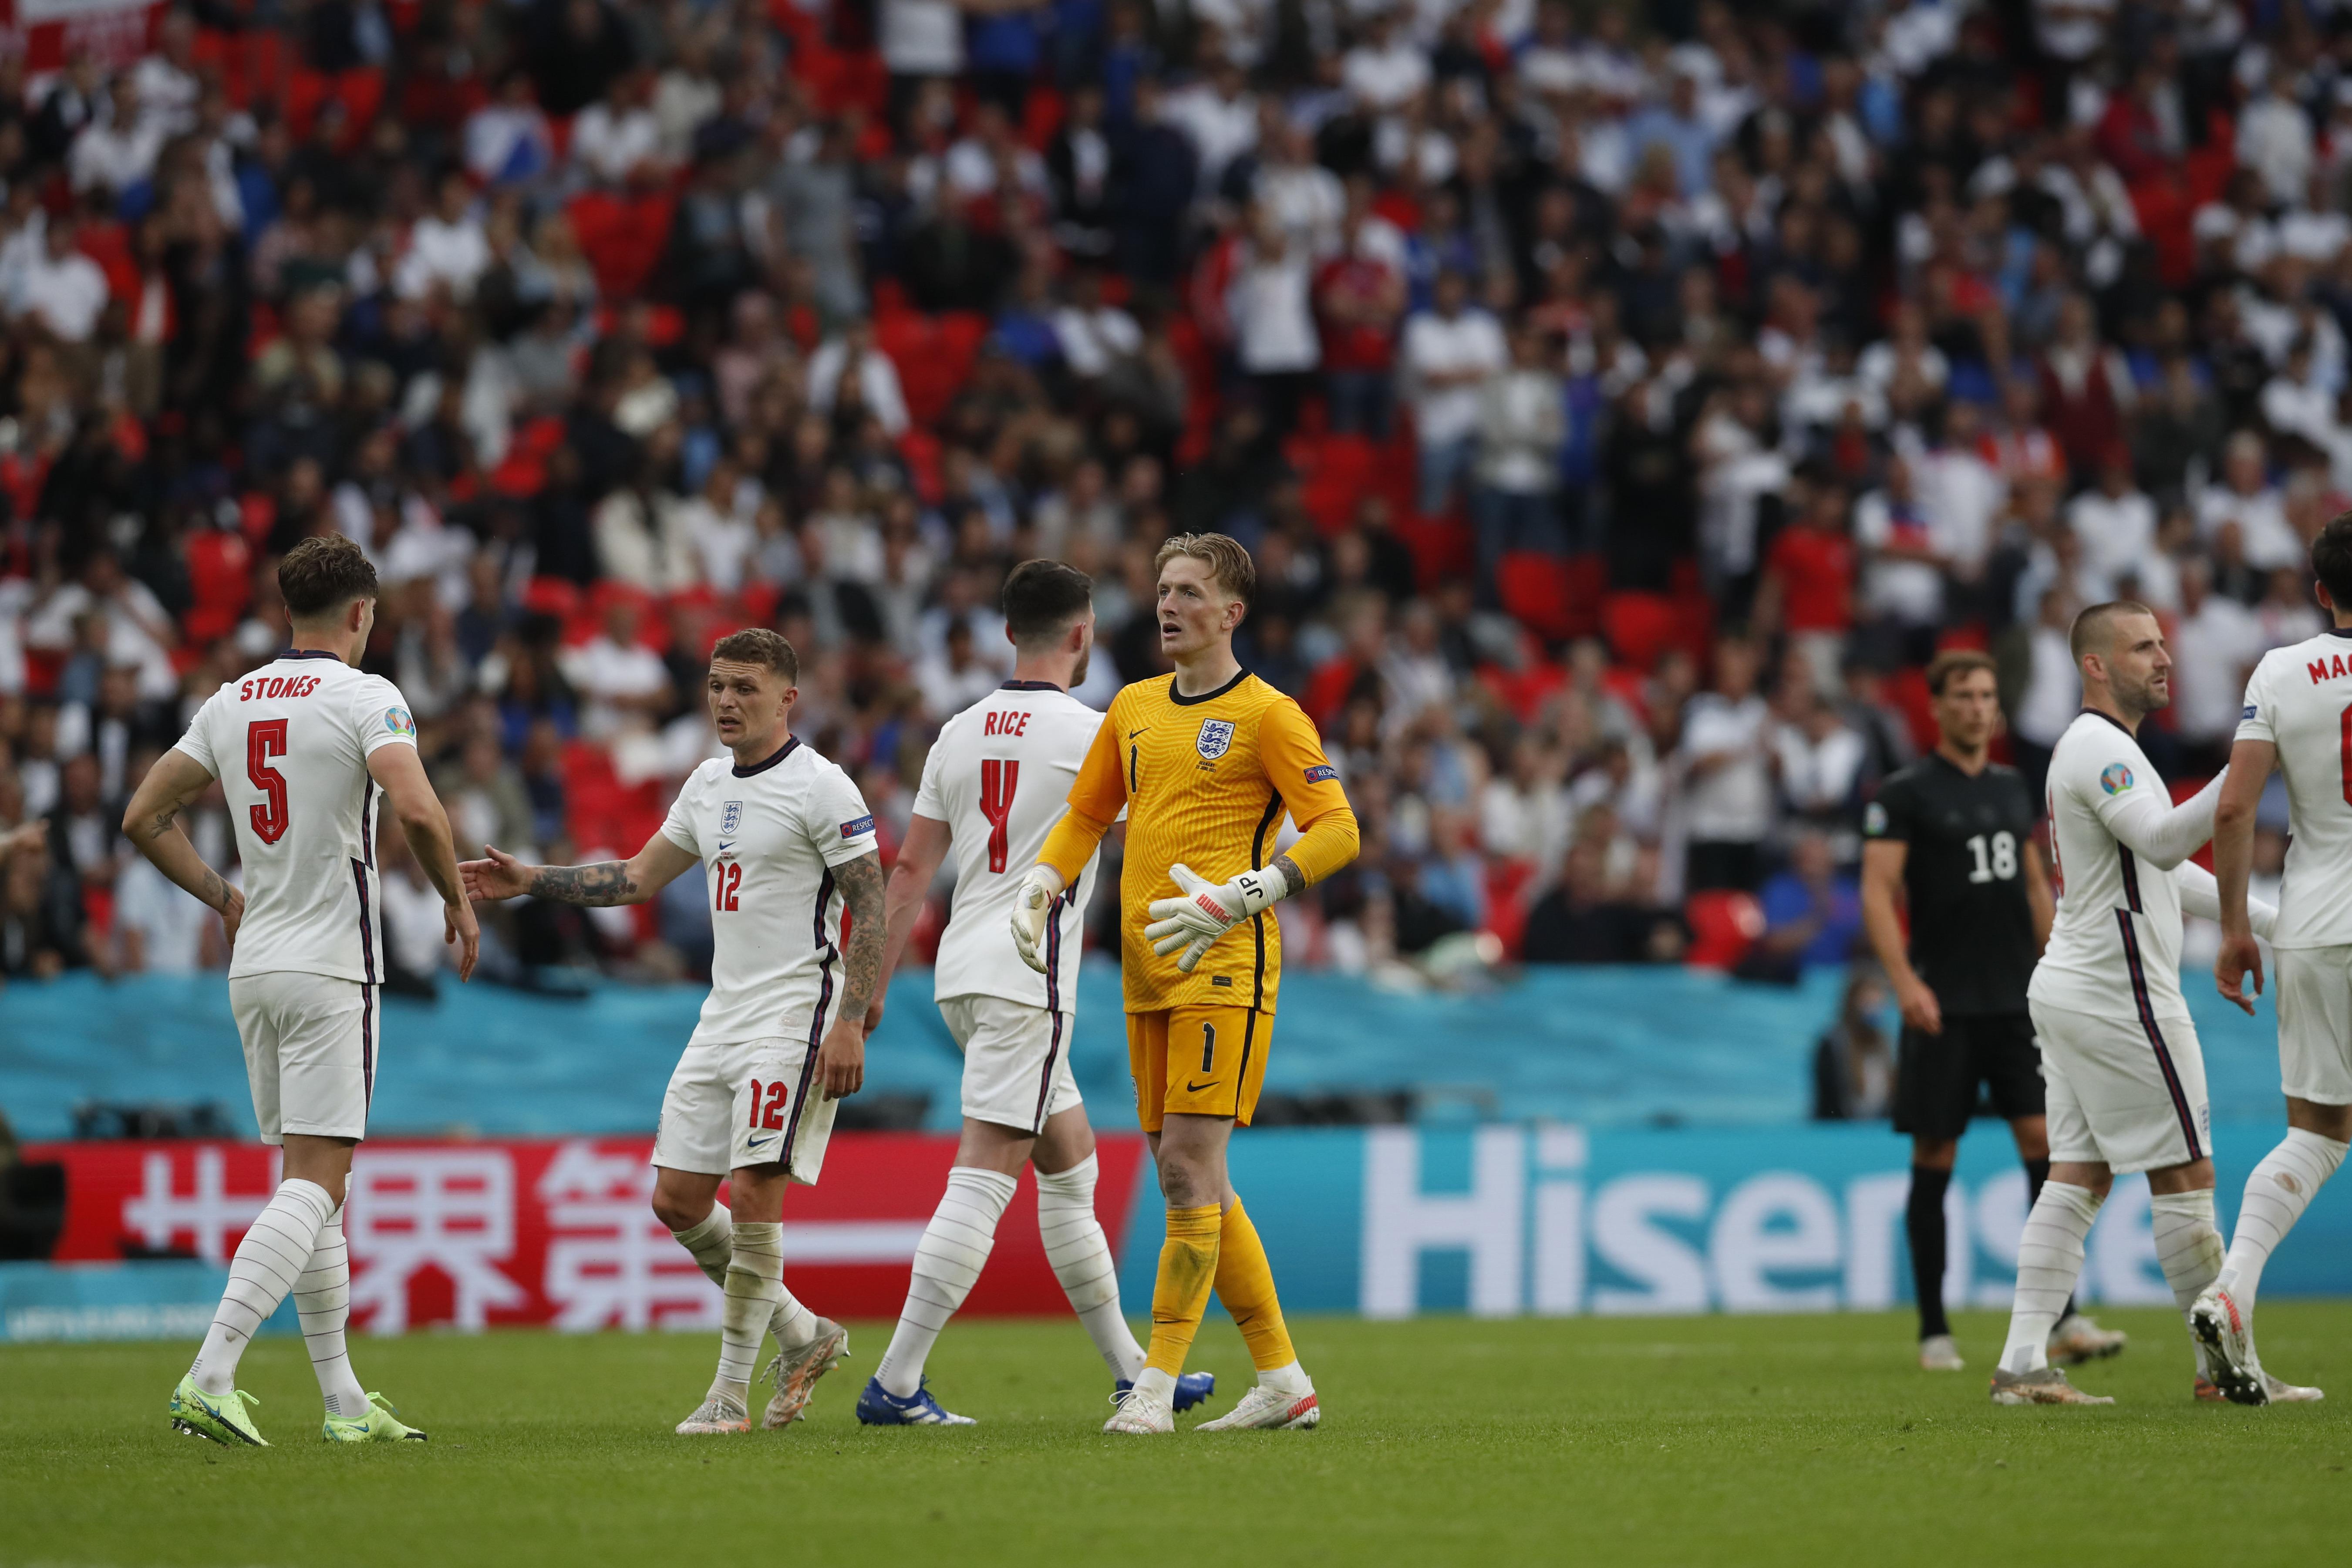 英格兰2-0德国晋级欧洲杯8强,时隔19年再胜一流强队